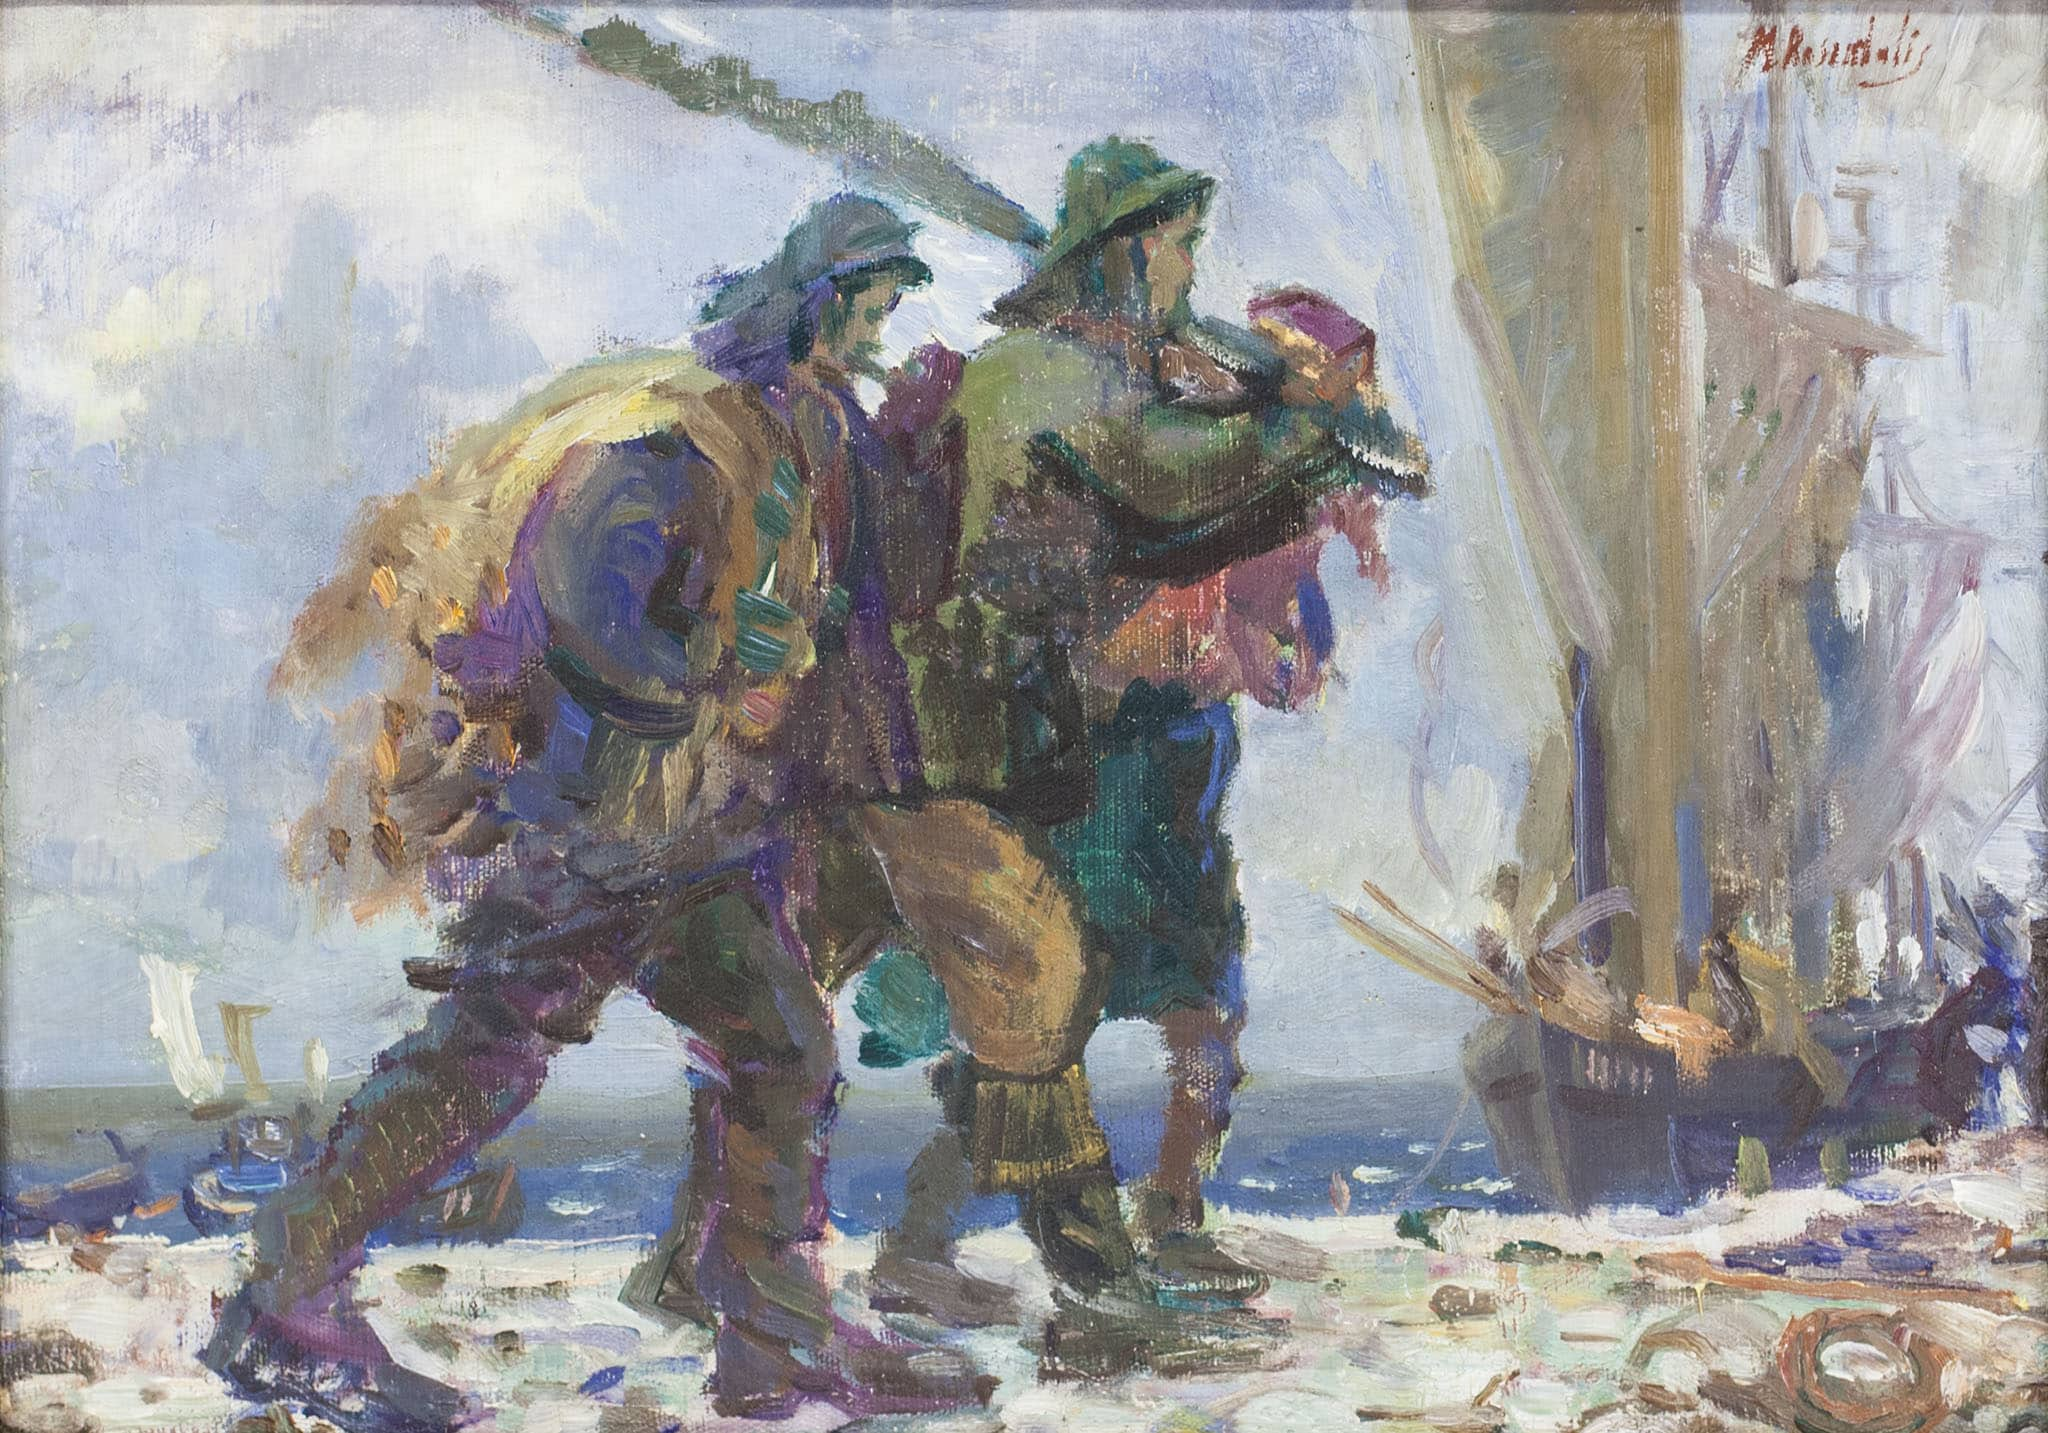 """משה רוזנטליס, """"דייגים"""" שמן על בד, 50x35 ס""""מ"""